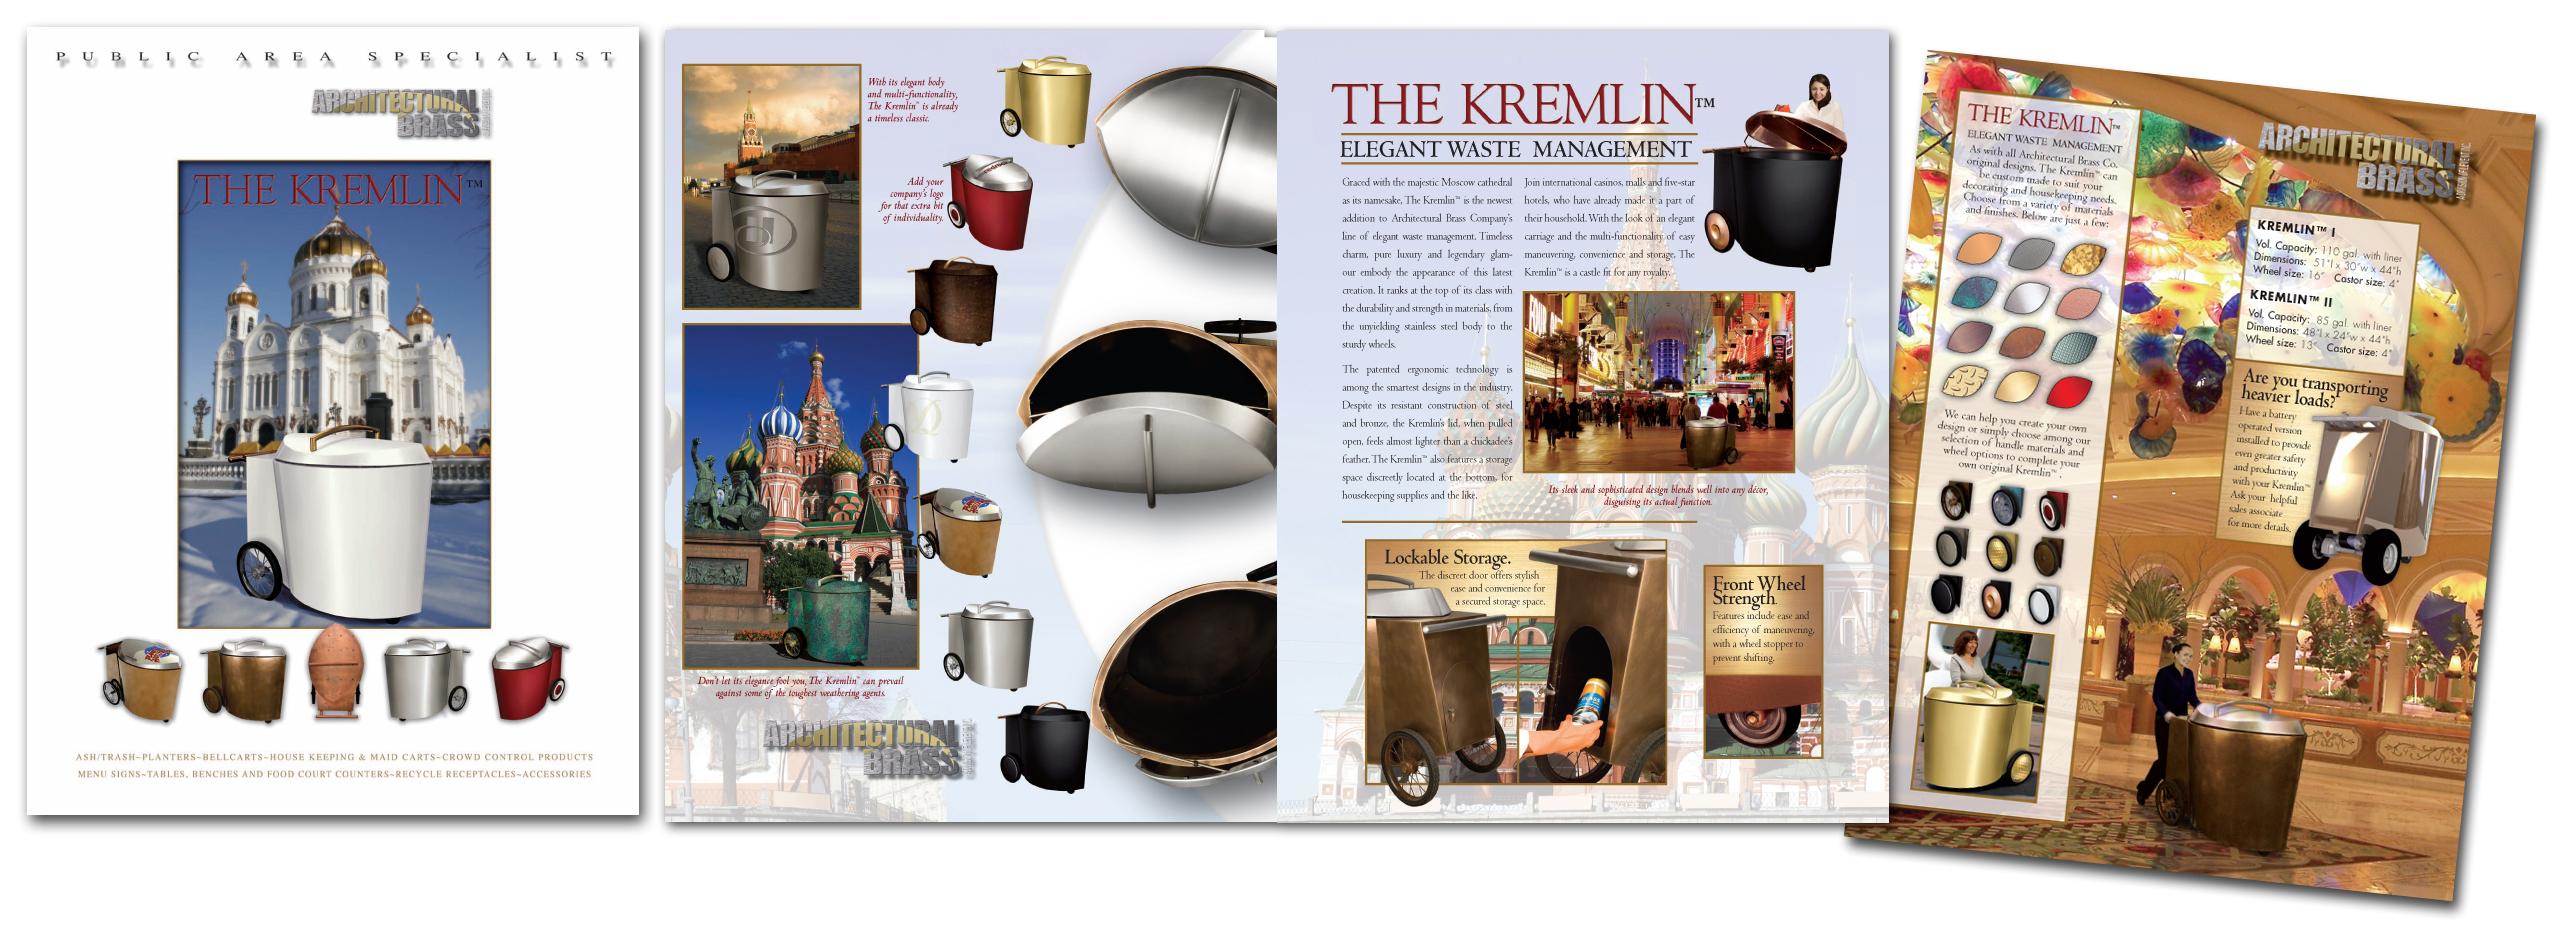 Kremlin-all